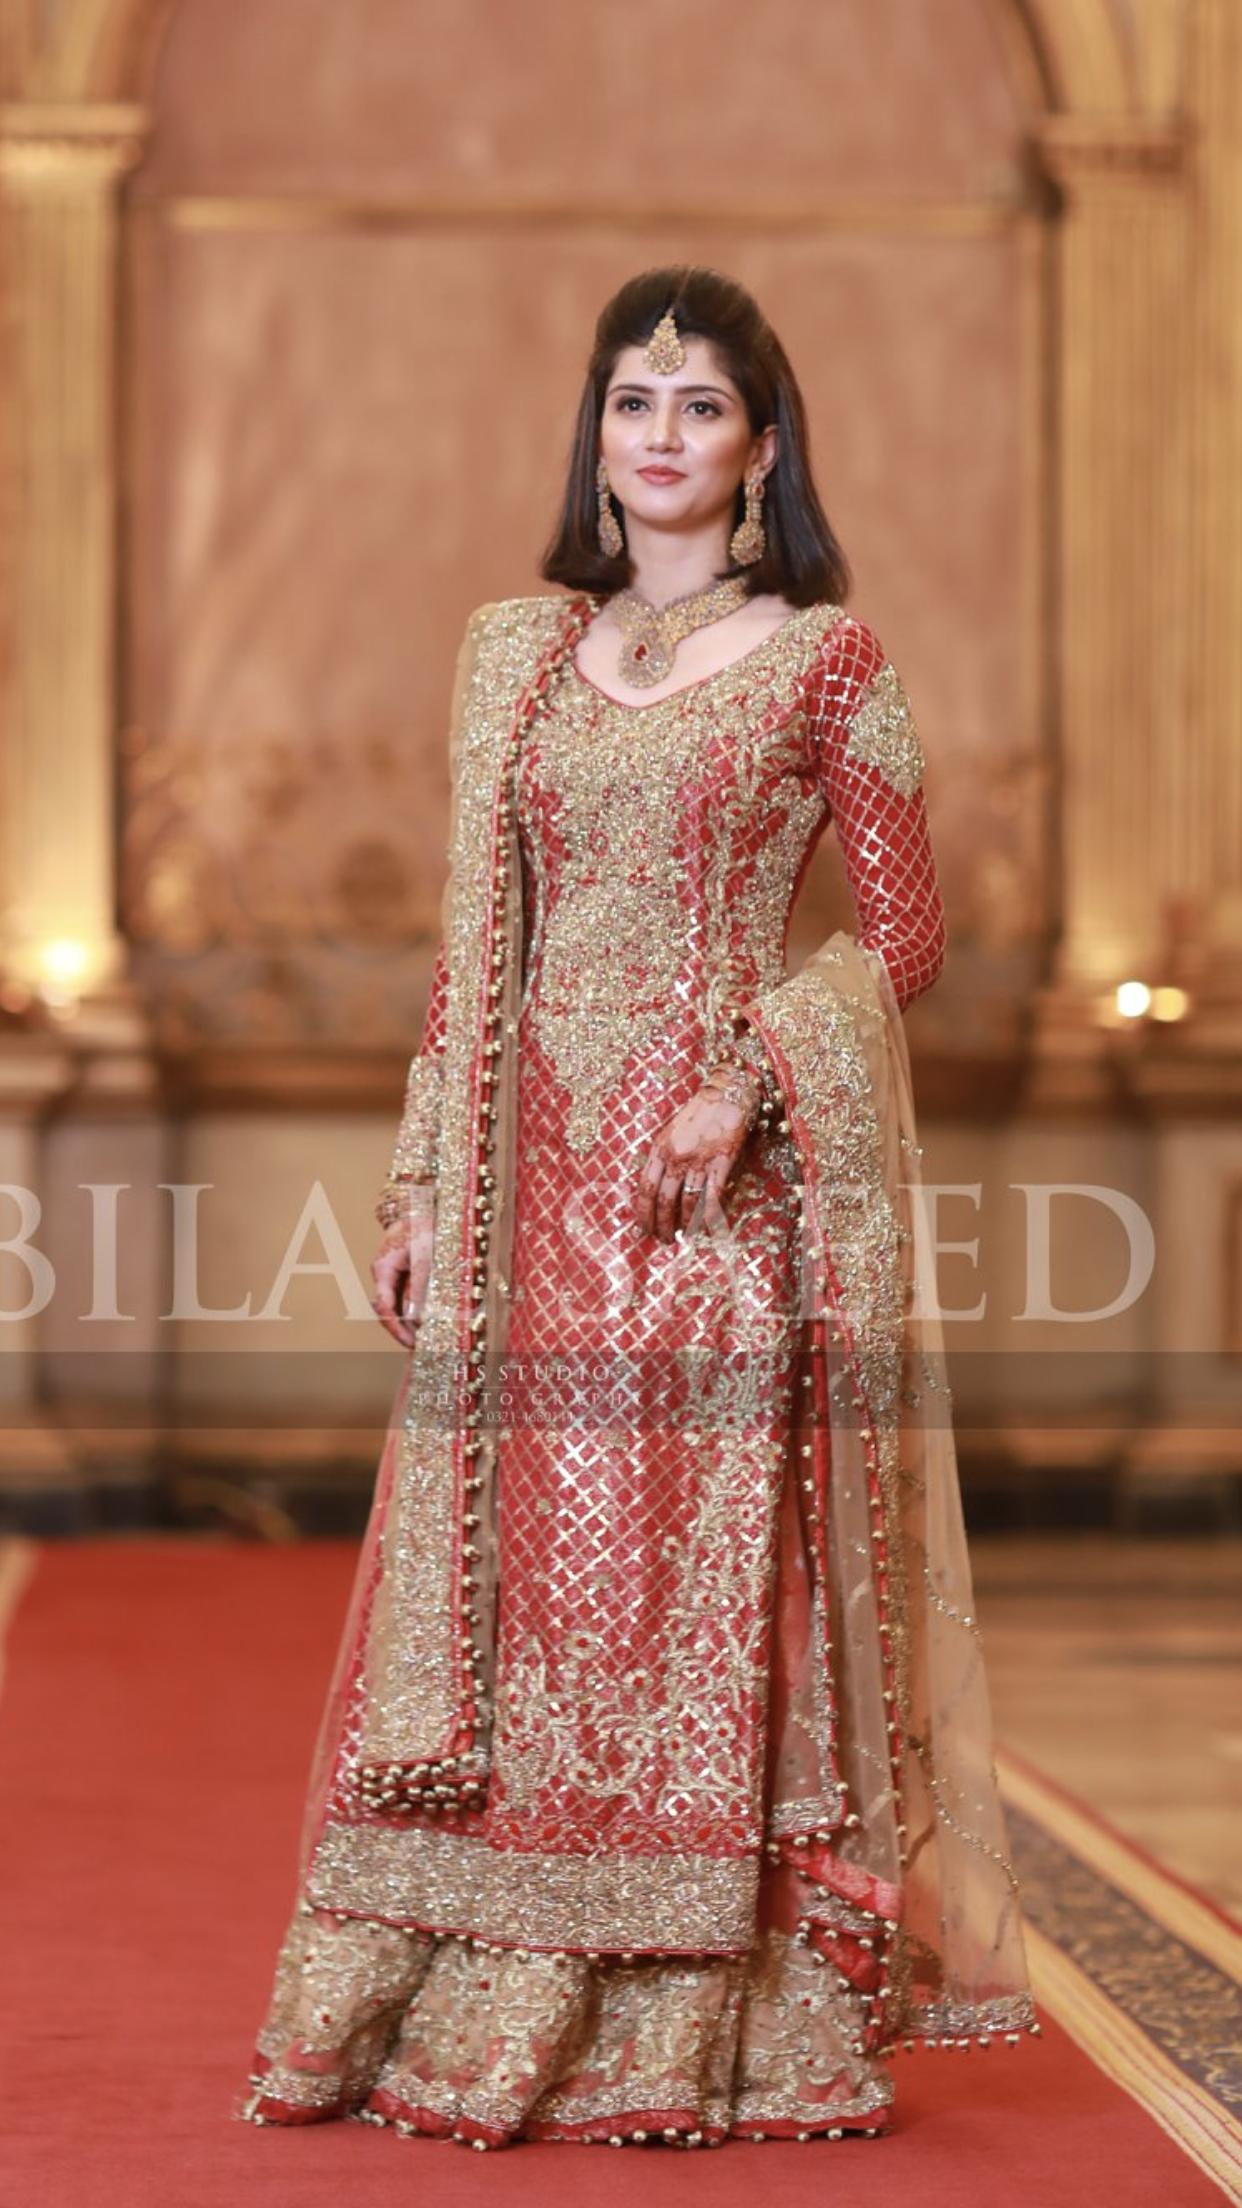 Grooms Sister Pakistani Wedding Dresses Desi Wedding Dresses Pakistani Bridal Dresses